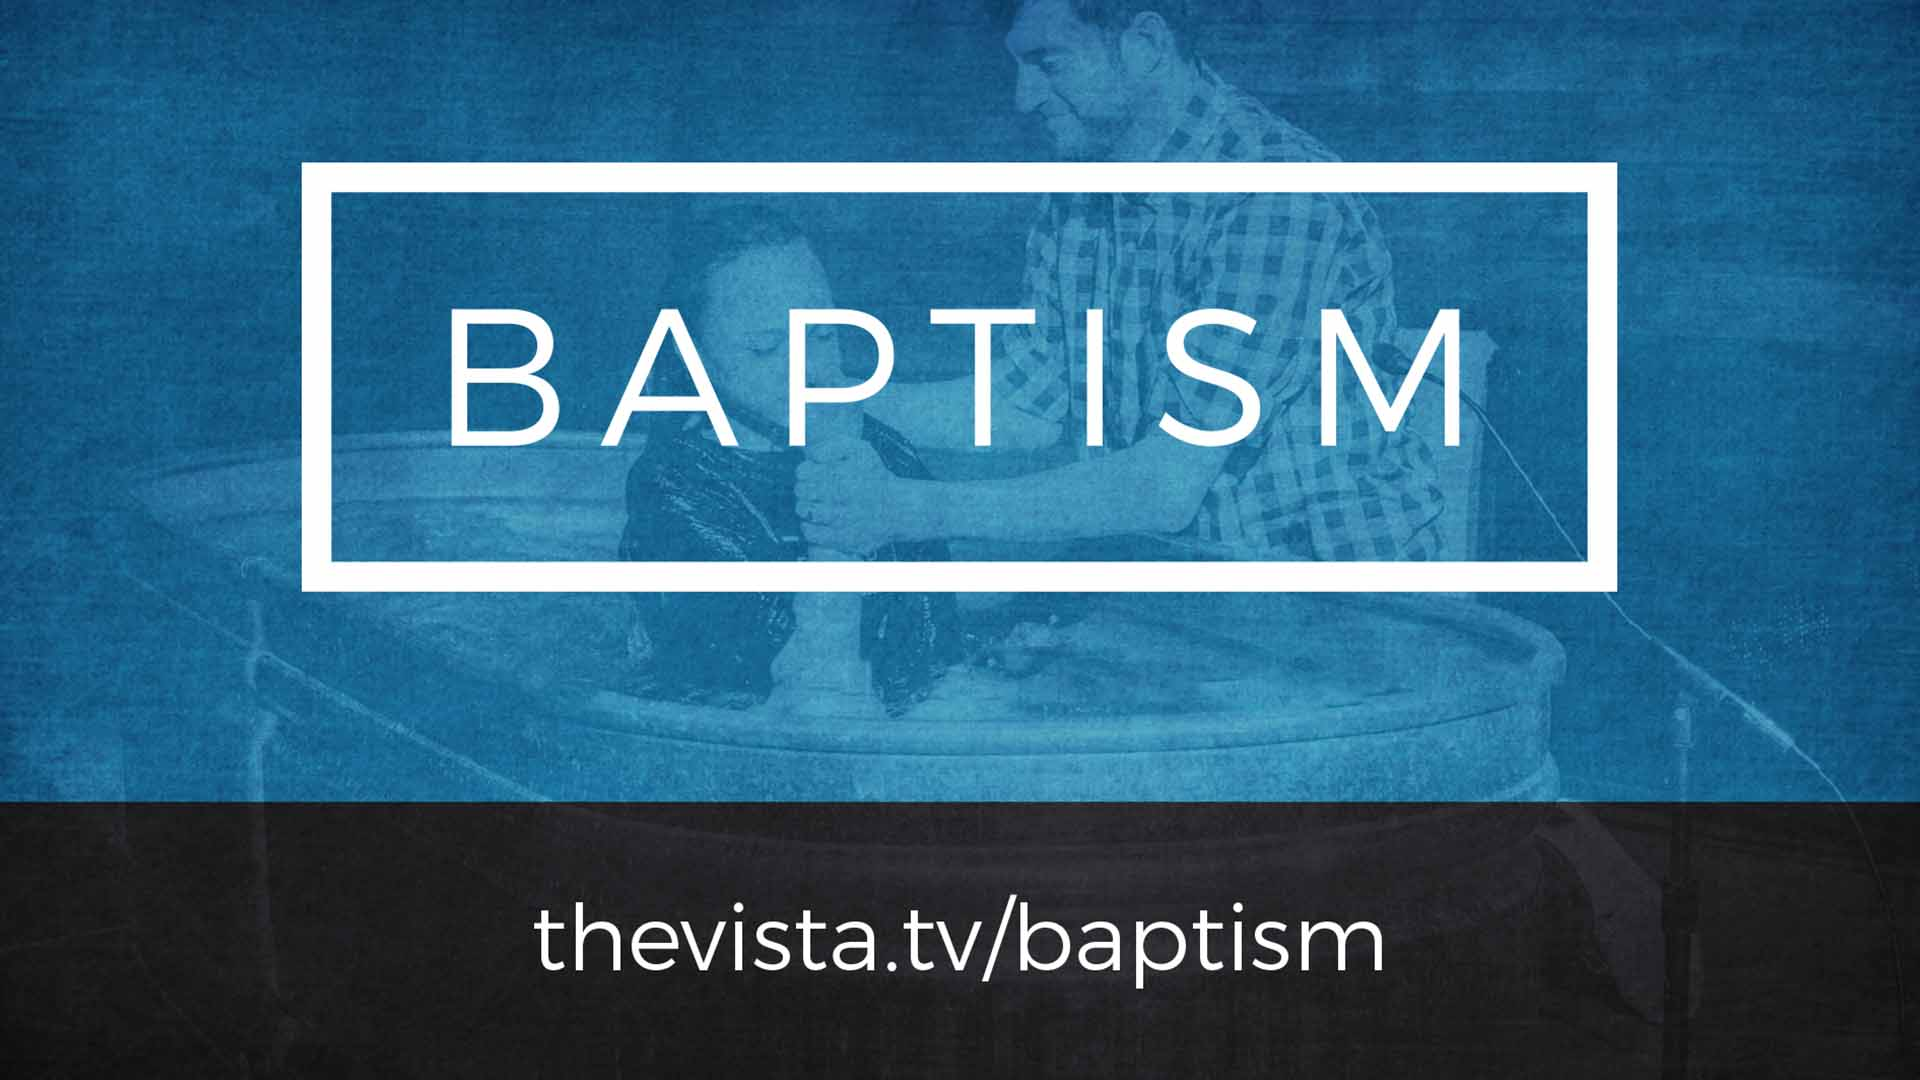 Baptism slide